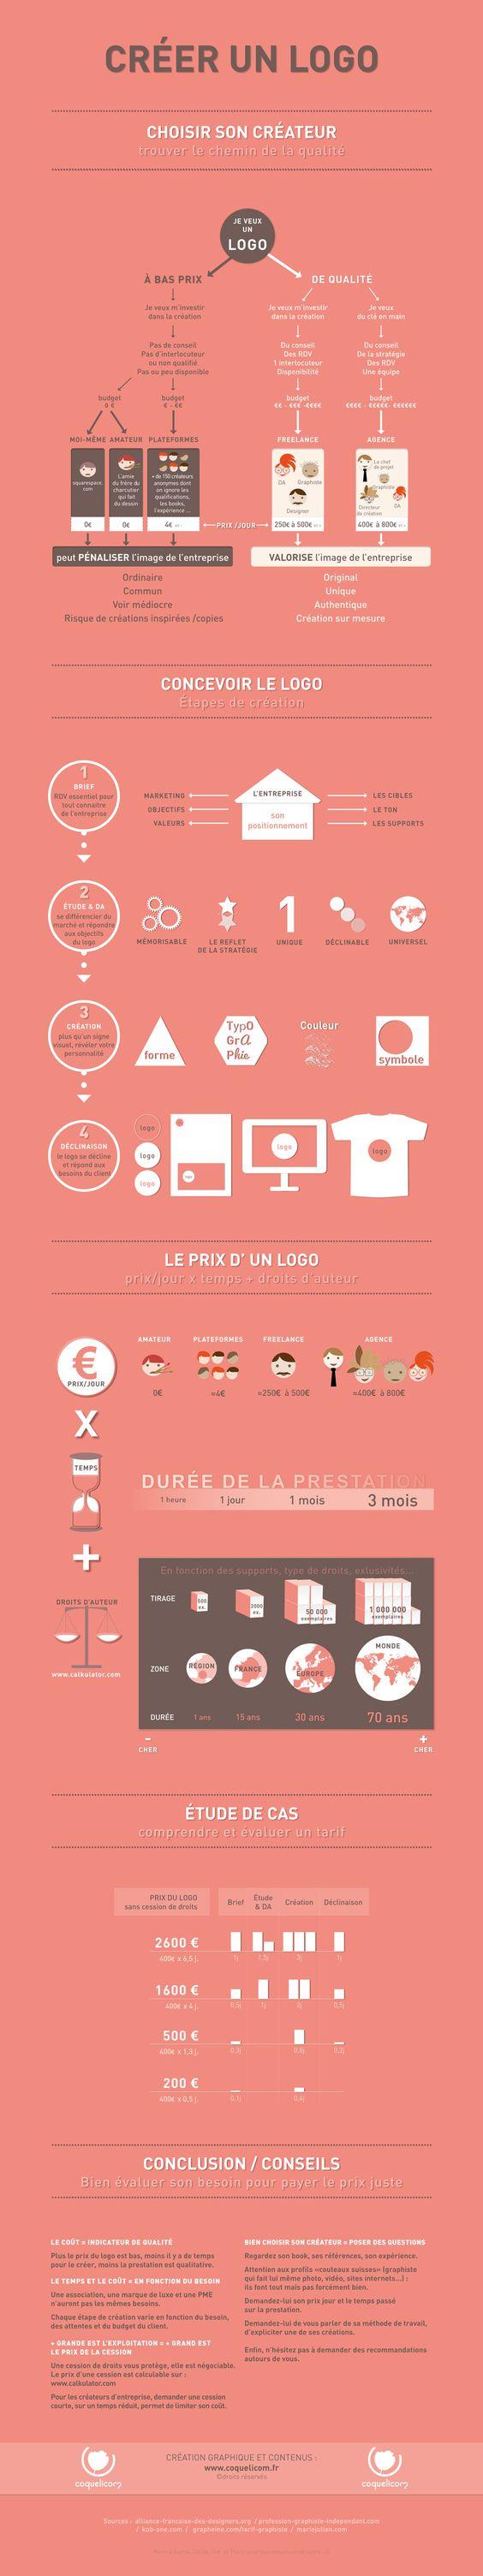 datavision datavisualisation dataviz visualisation de données sur le logo | Coquelicom graphiste, webdesigner à Toulouse